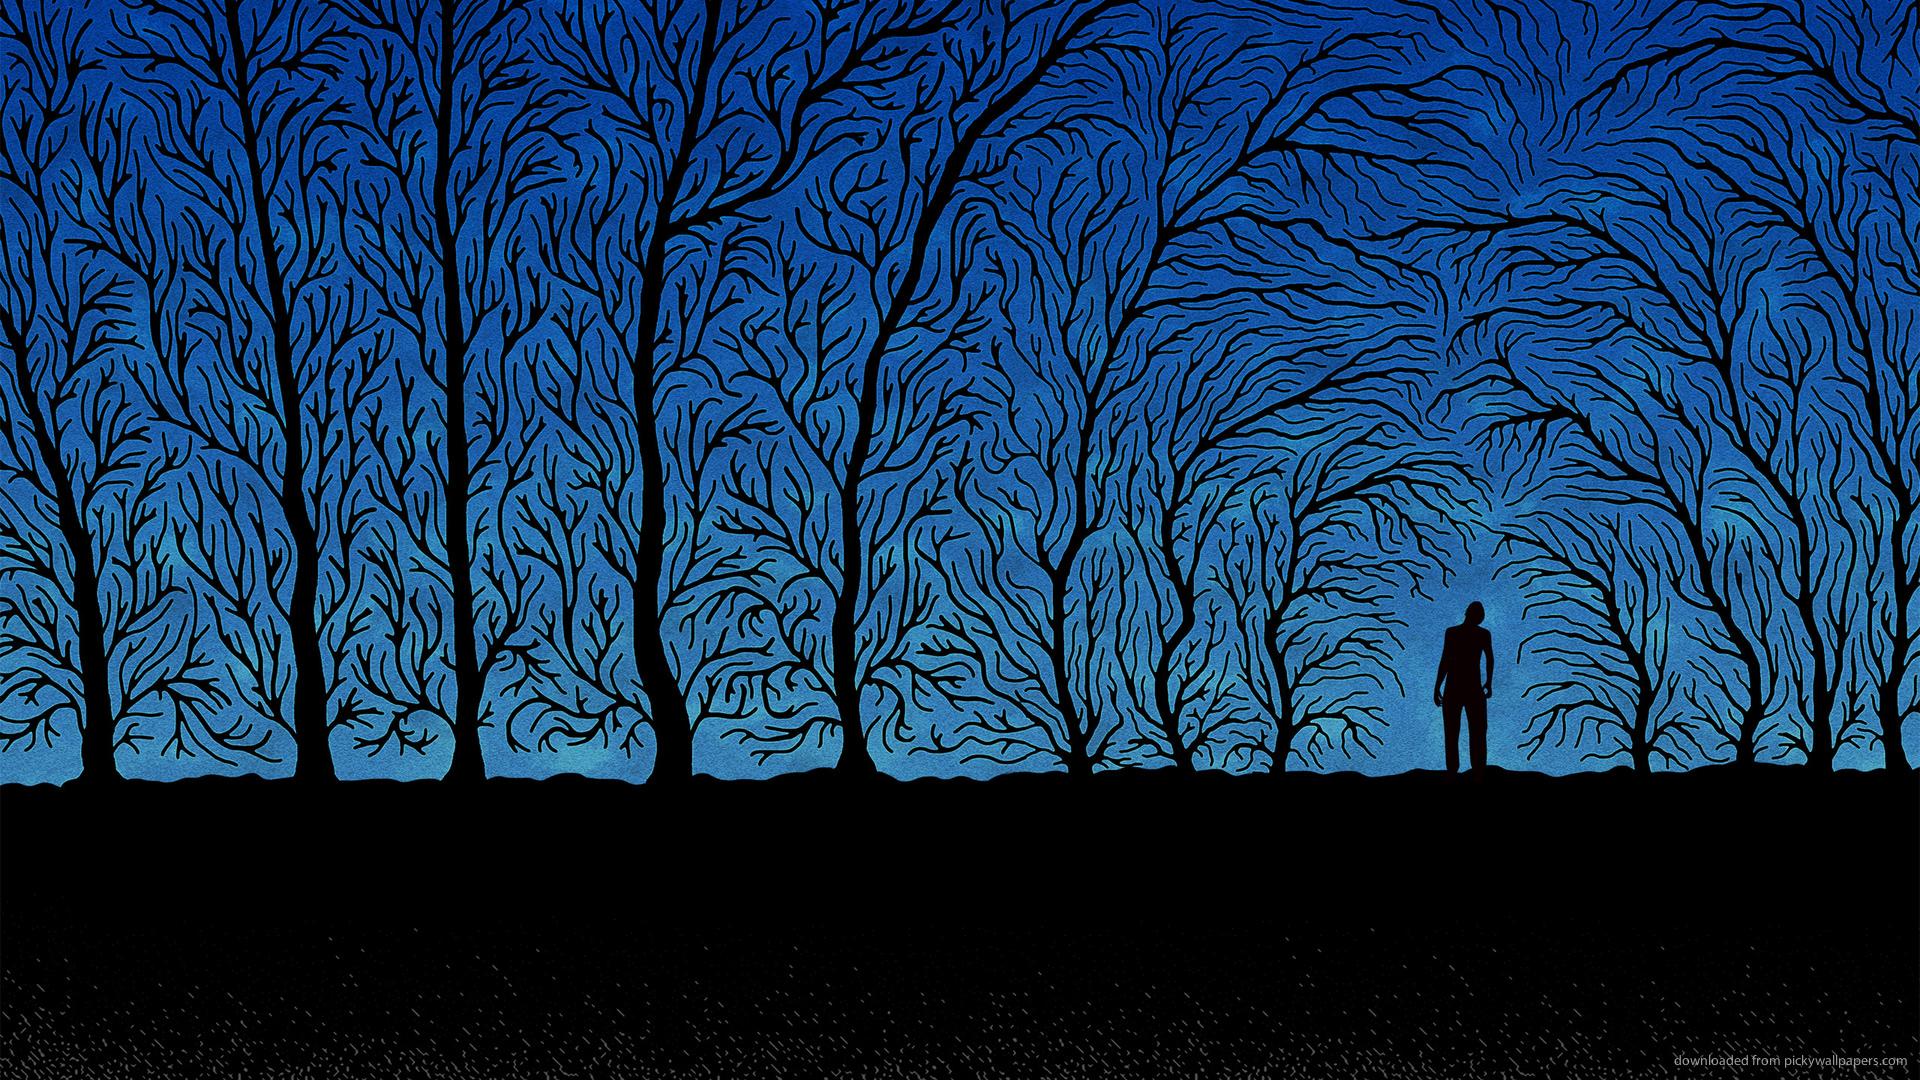 Digital Art Spooky forest Wallpaper